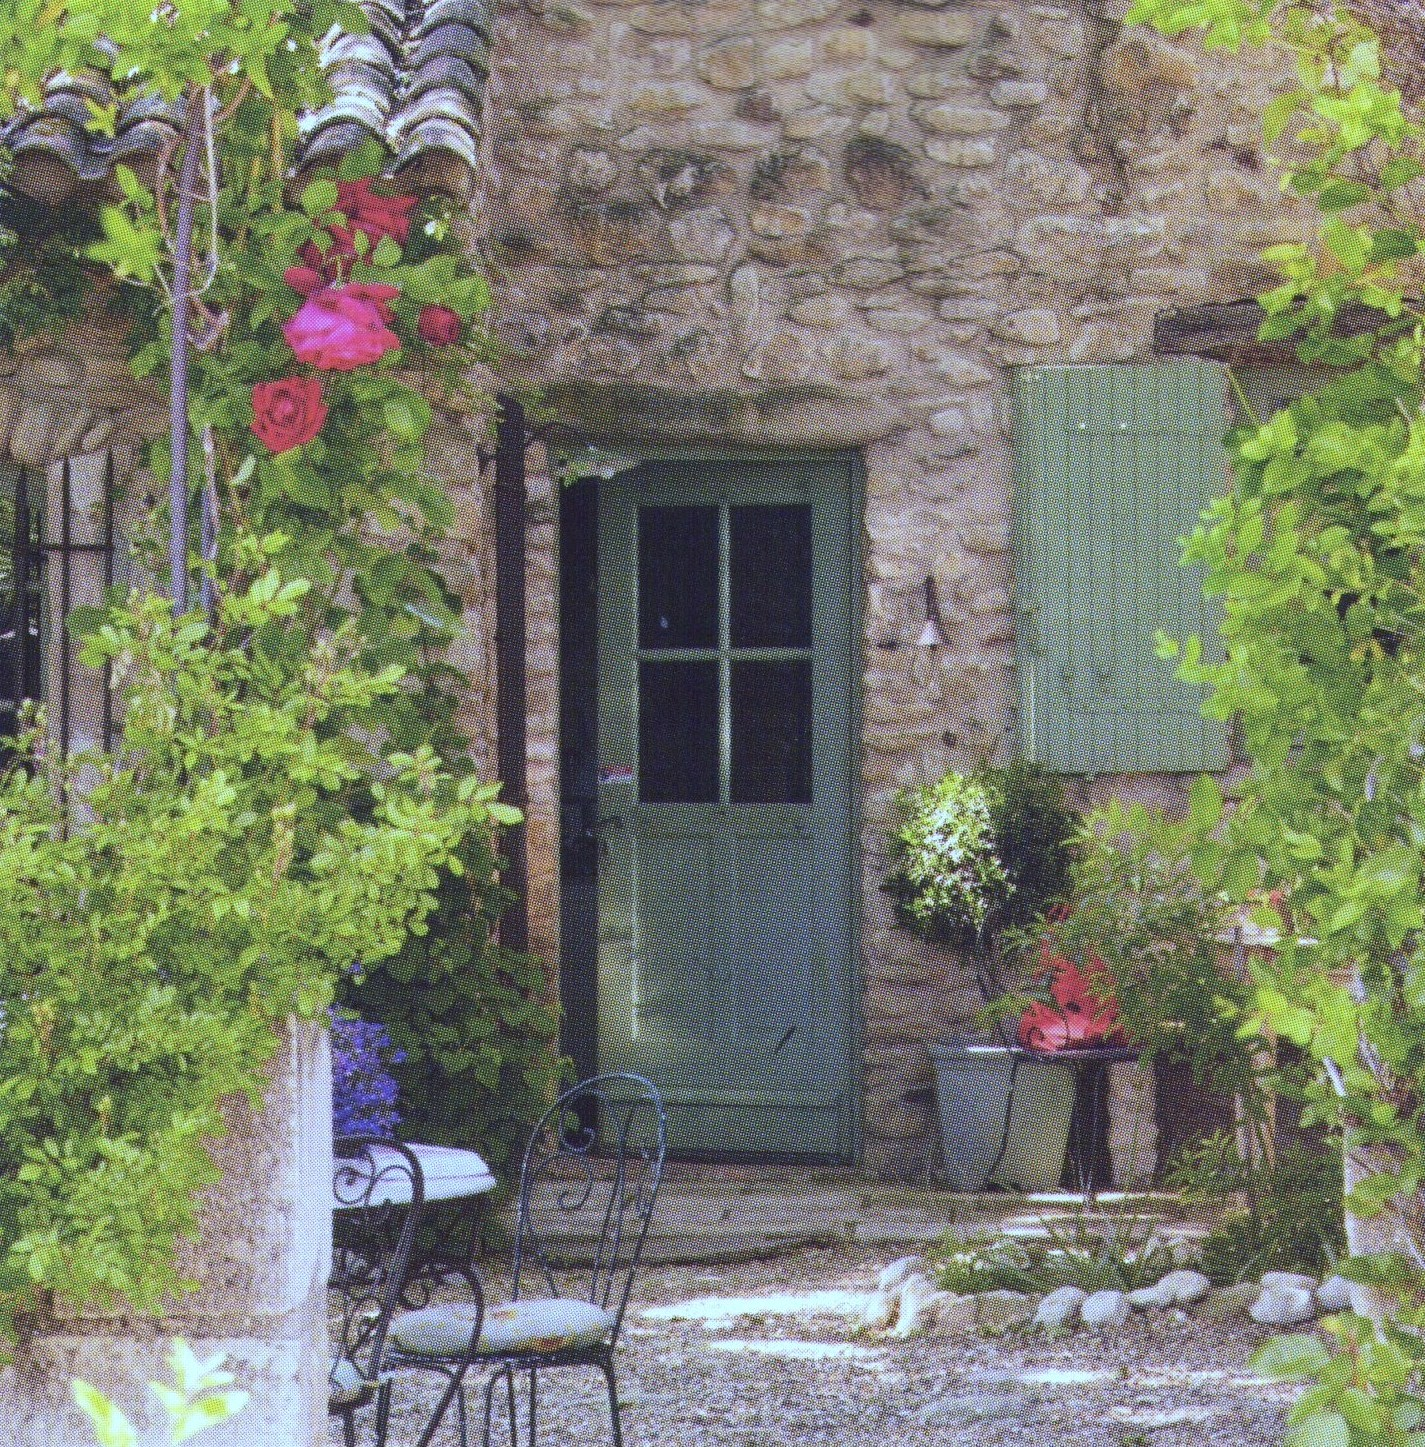 Aires de provenza provence airs desde my ventana blog de decoraci n - Casas en la provenza ...